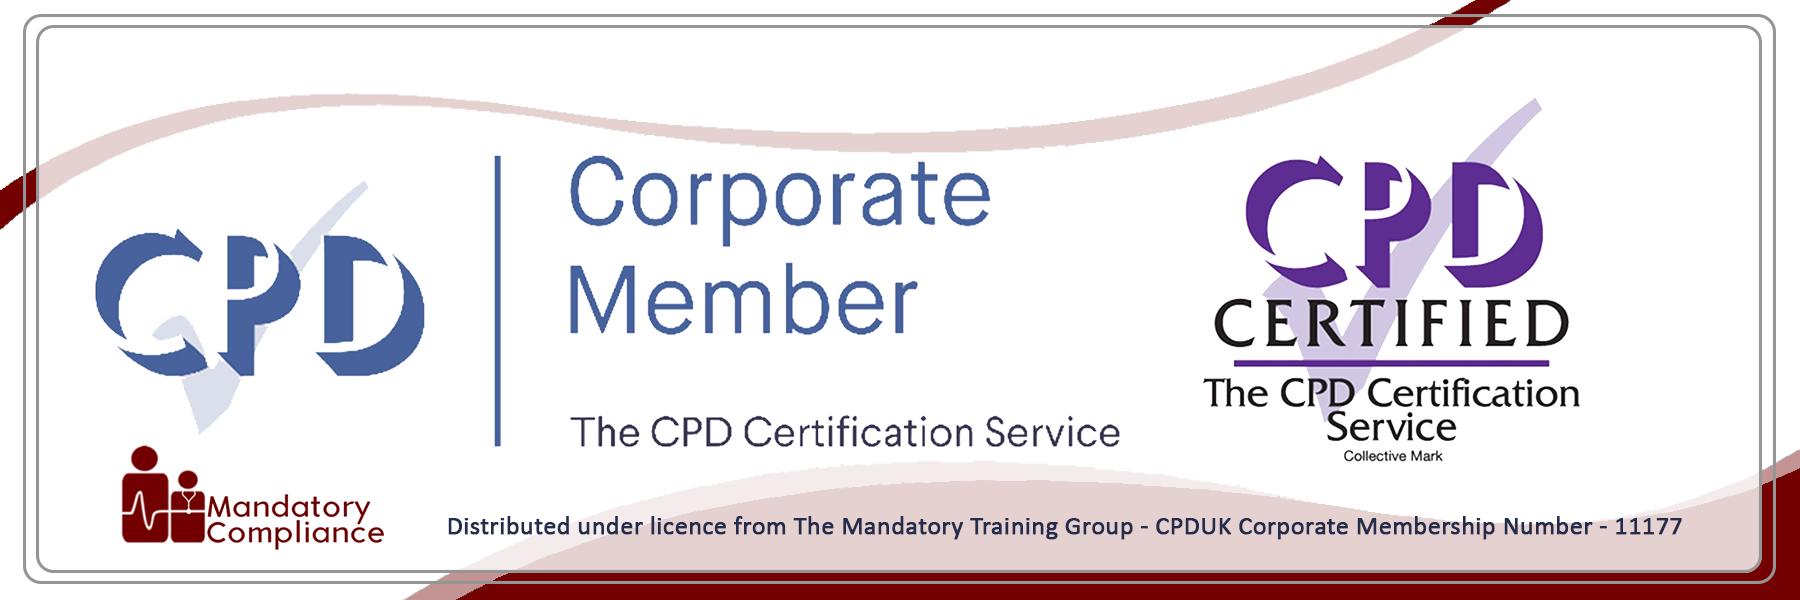 Mastering MS OneNote 2013 -Online Training Course - The Mandatory Training Group UK -